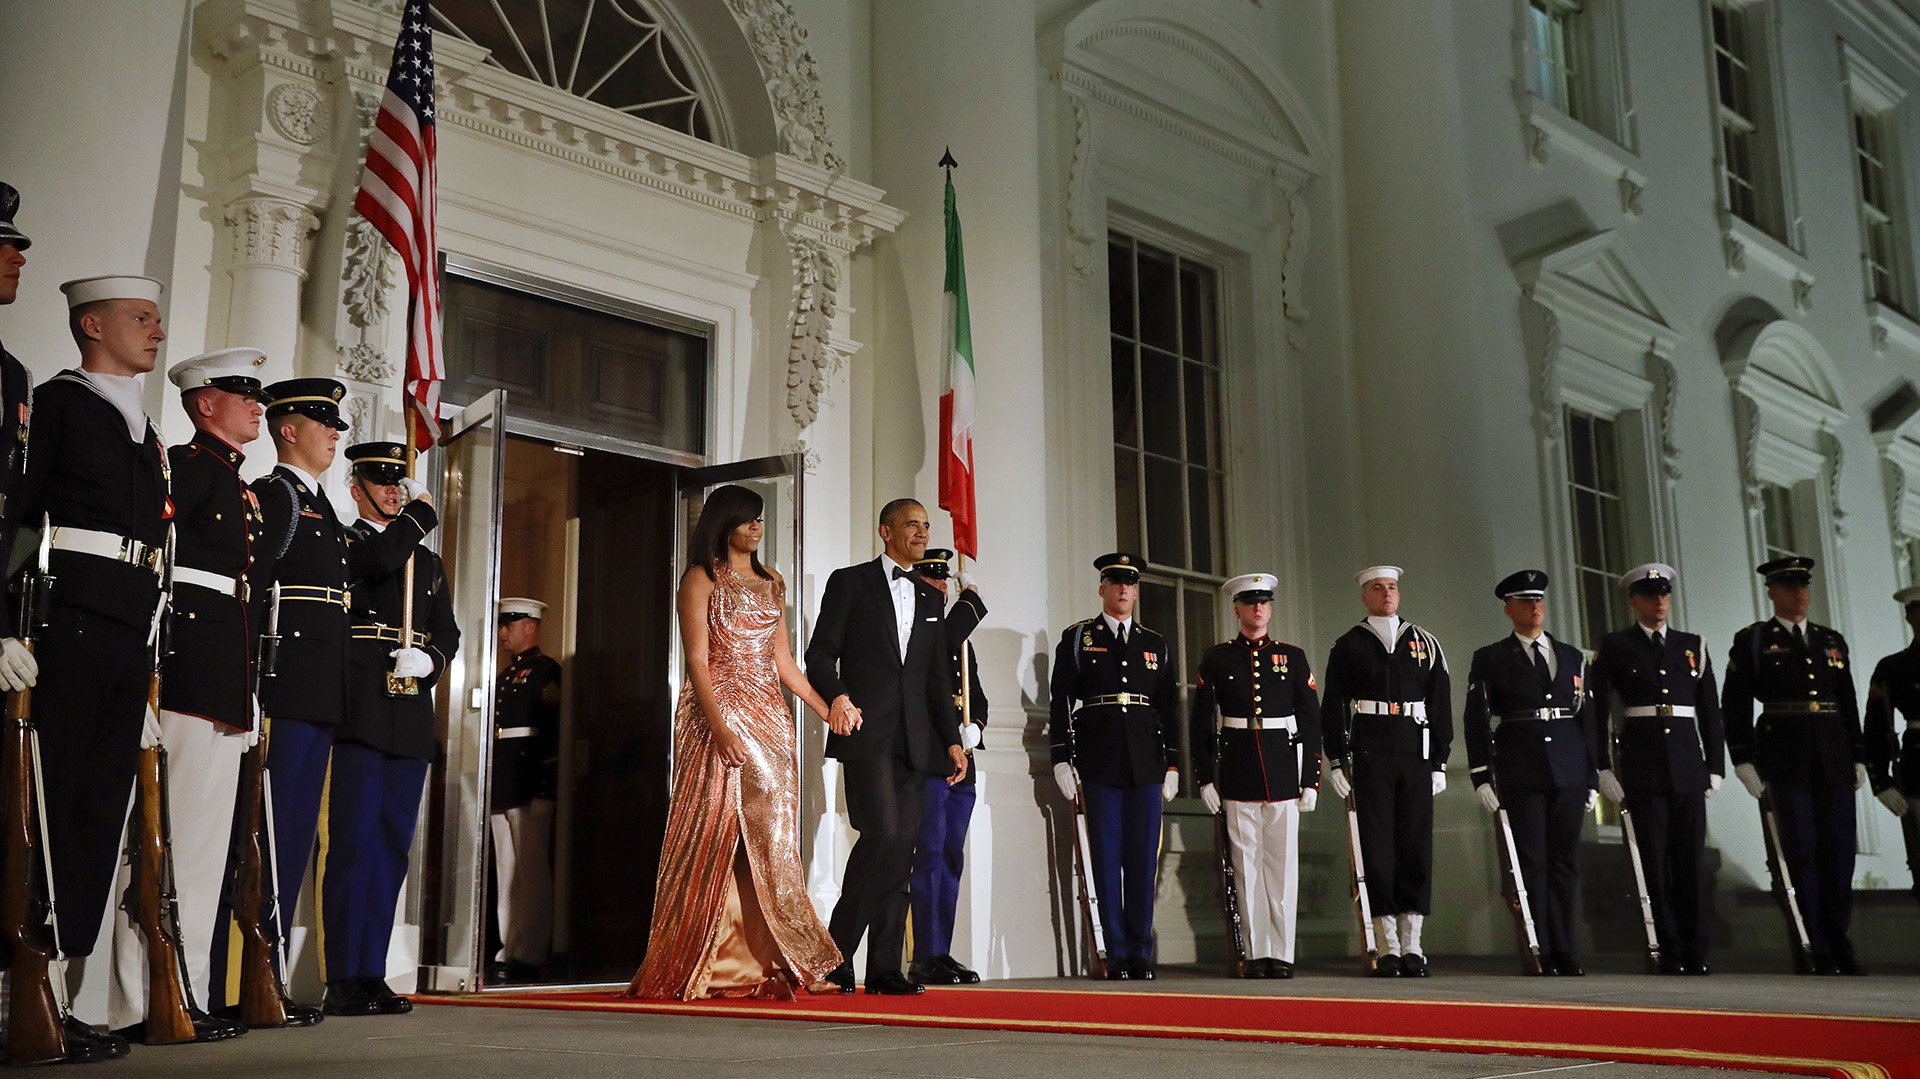 El presidente Obama camina junto a la primera dama hacia la entrada para recibir al mandatario italiano y a su mujer